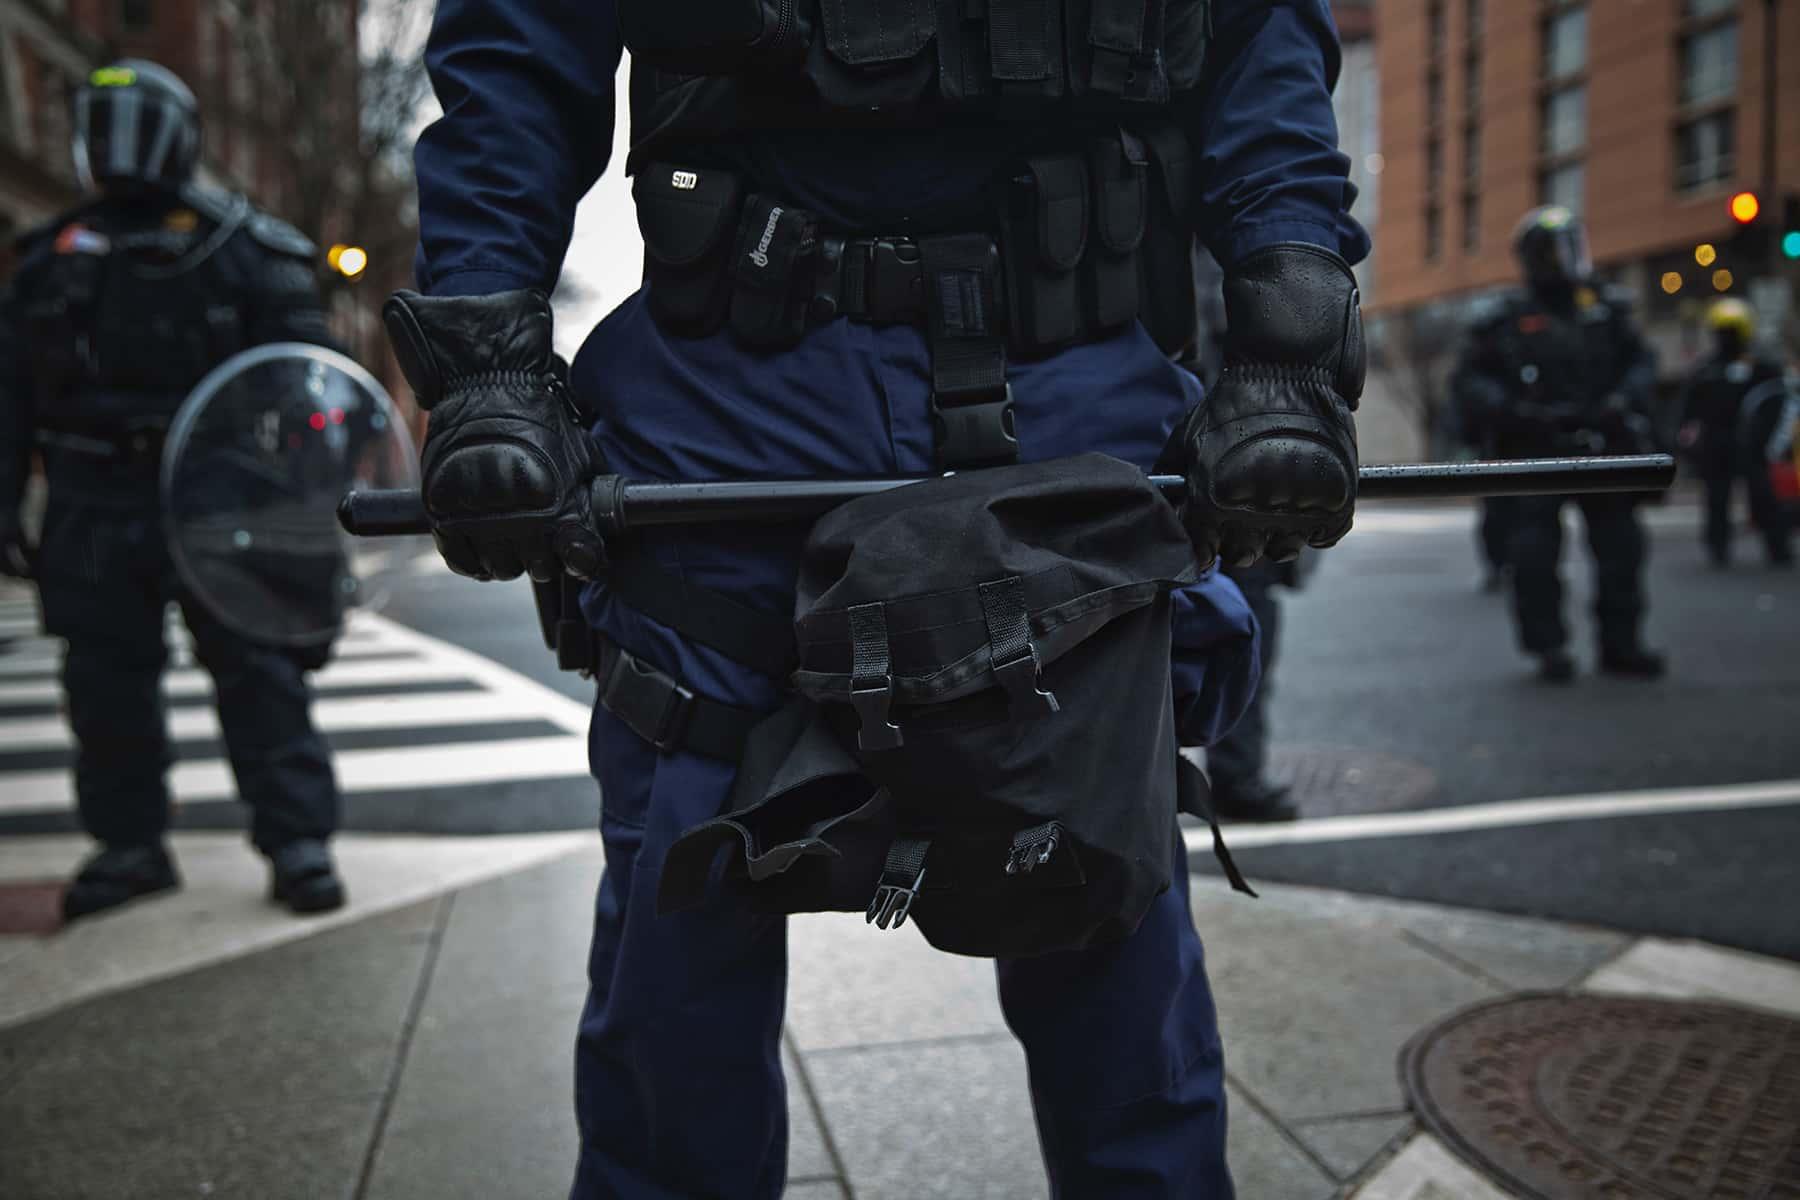 042621_PoliceRule_02